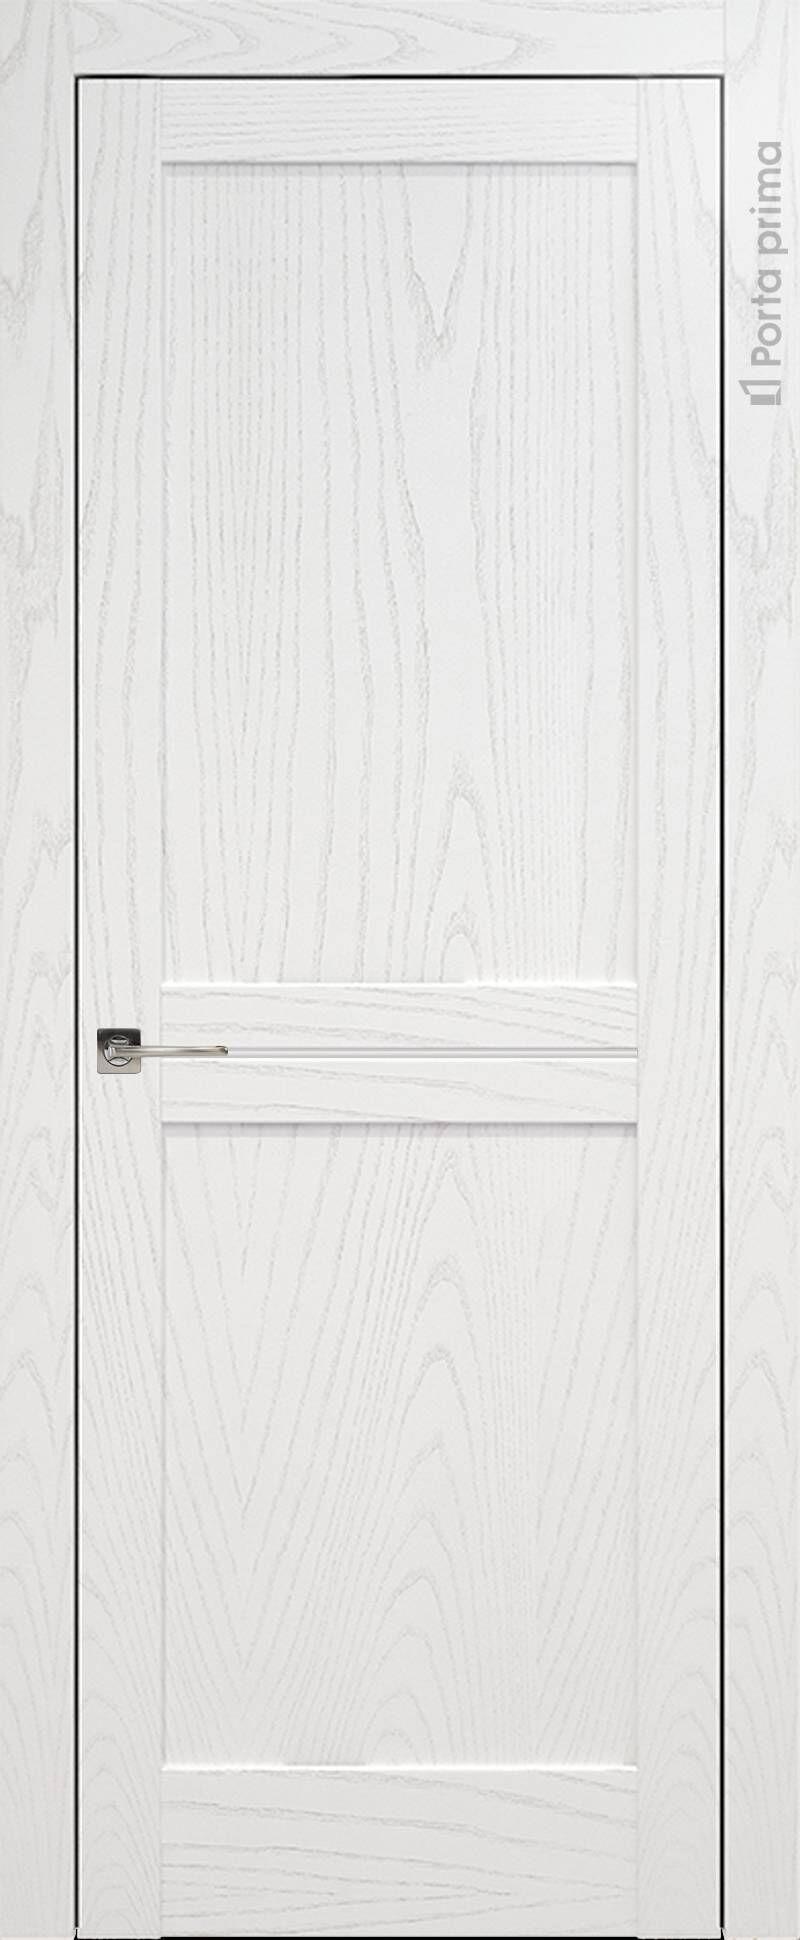 Elegante цвет - Белый ясень (шпон) Без стекла (ДГ)